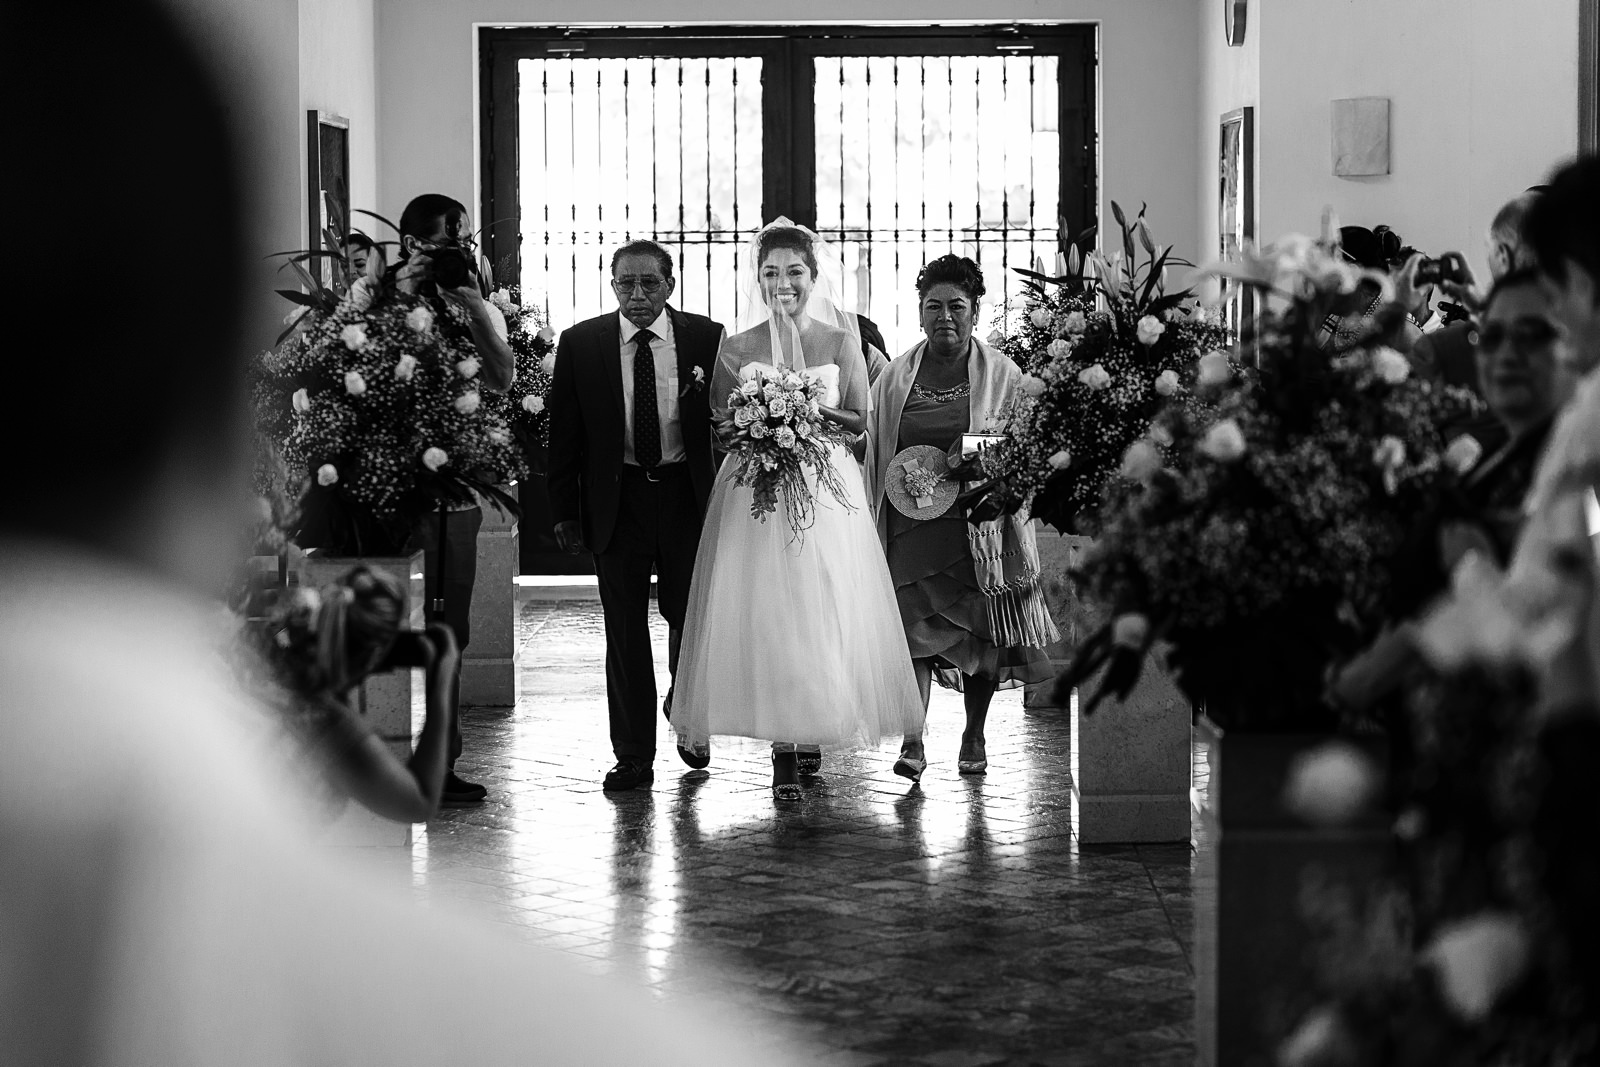 Novia sonriente caminando hacia el altar con sus padres a los lados en el día de su boda